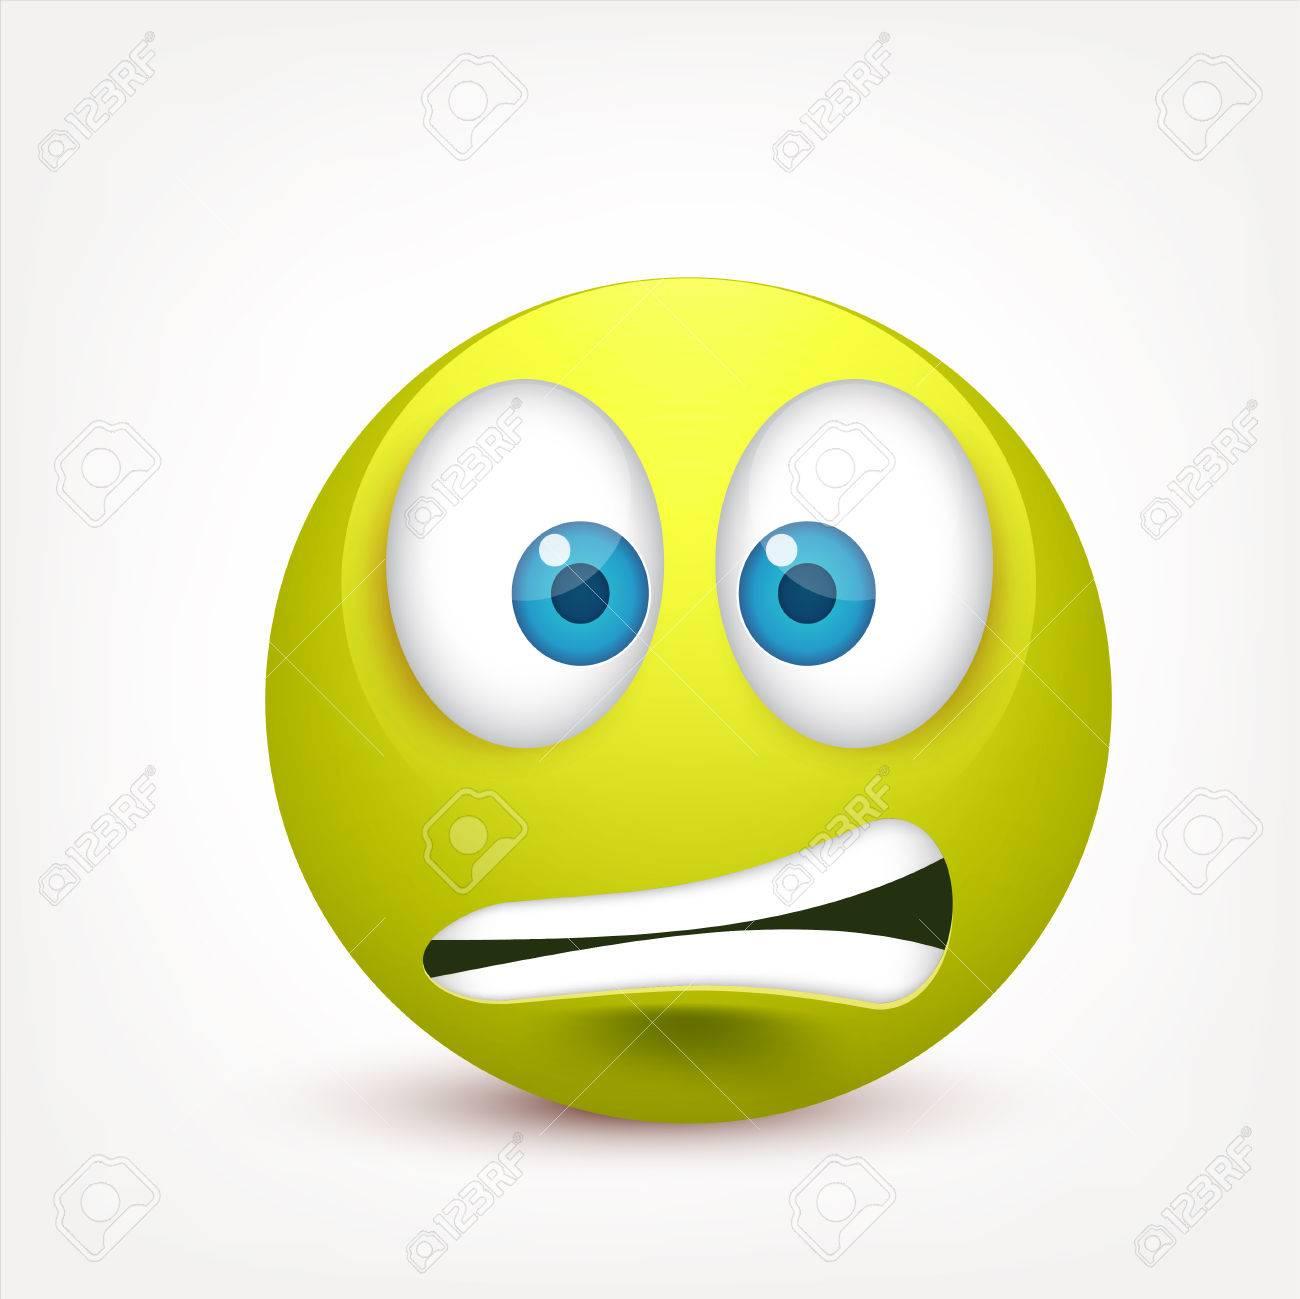 Smiley Con Ojos Azules Emoticon Cara Verde Con Emociones